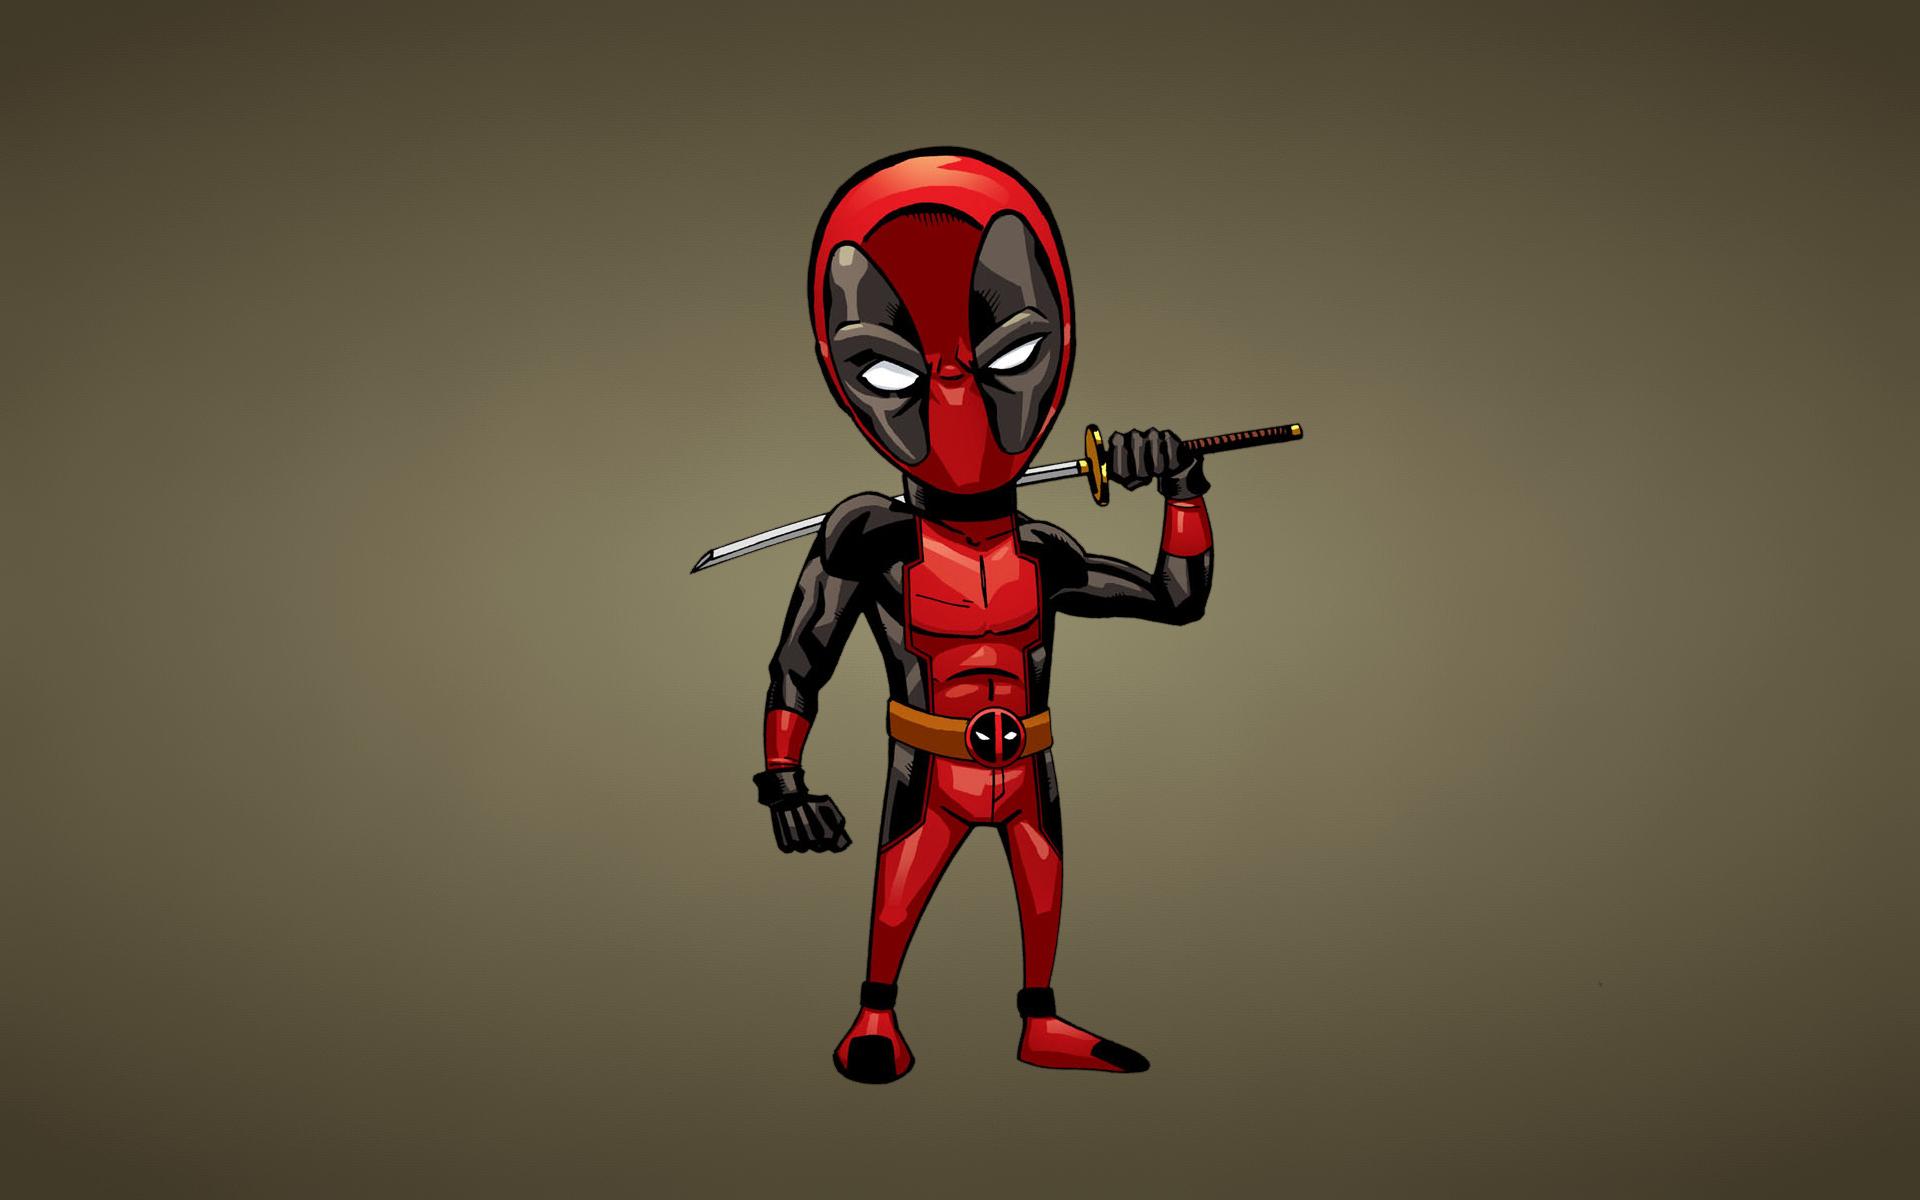 герой, костюм, маска